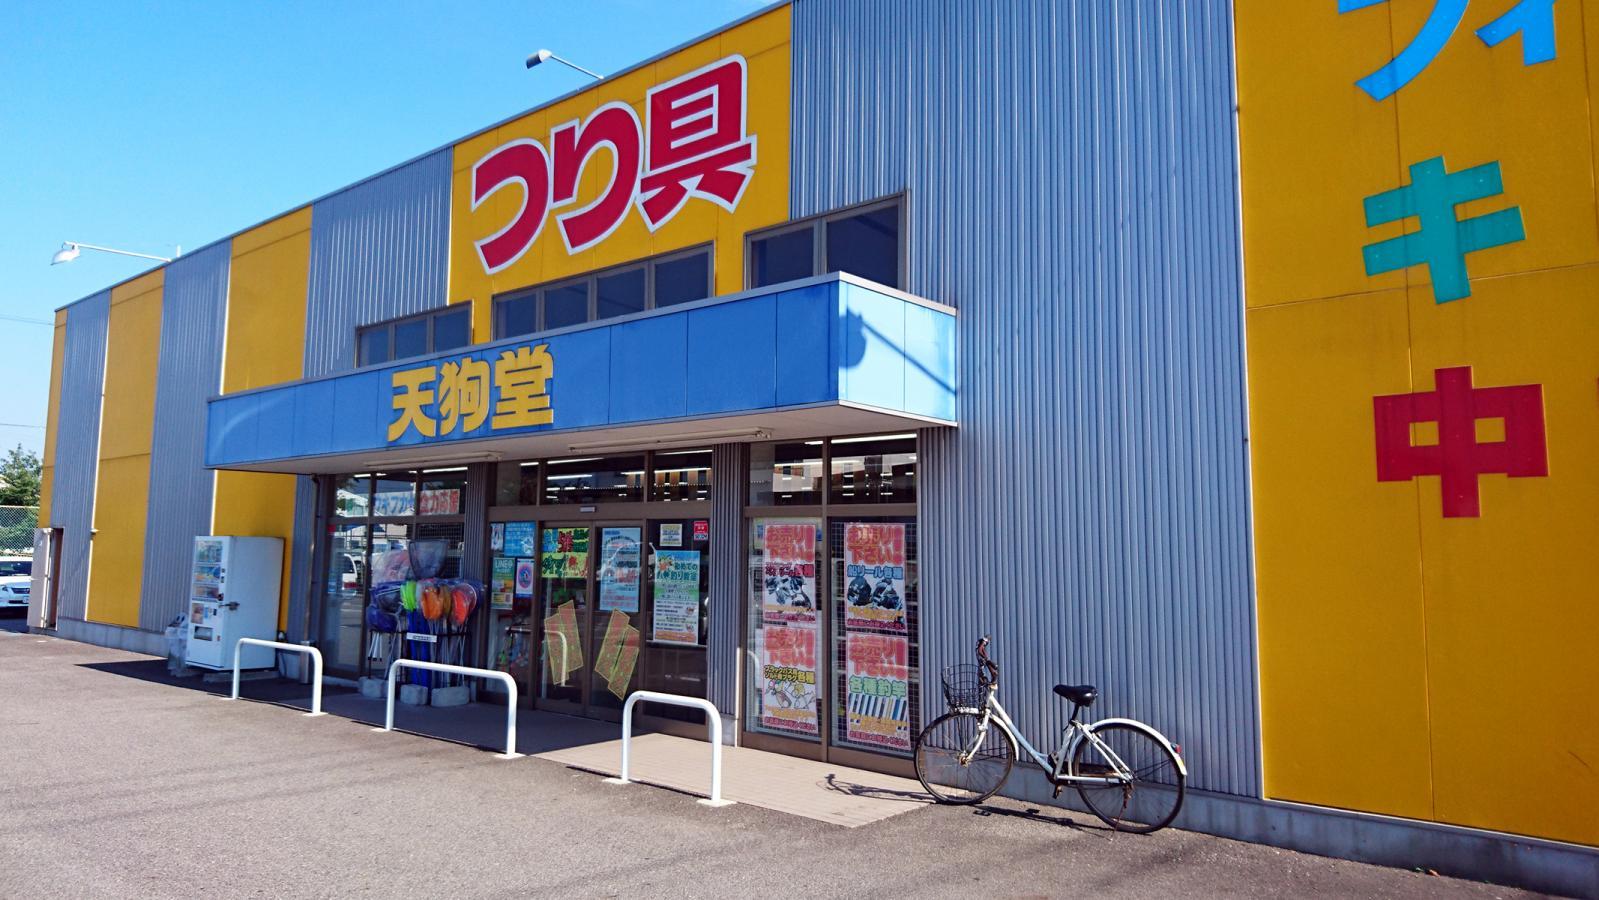 天狗堂 高浜店